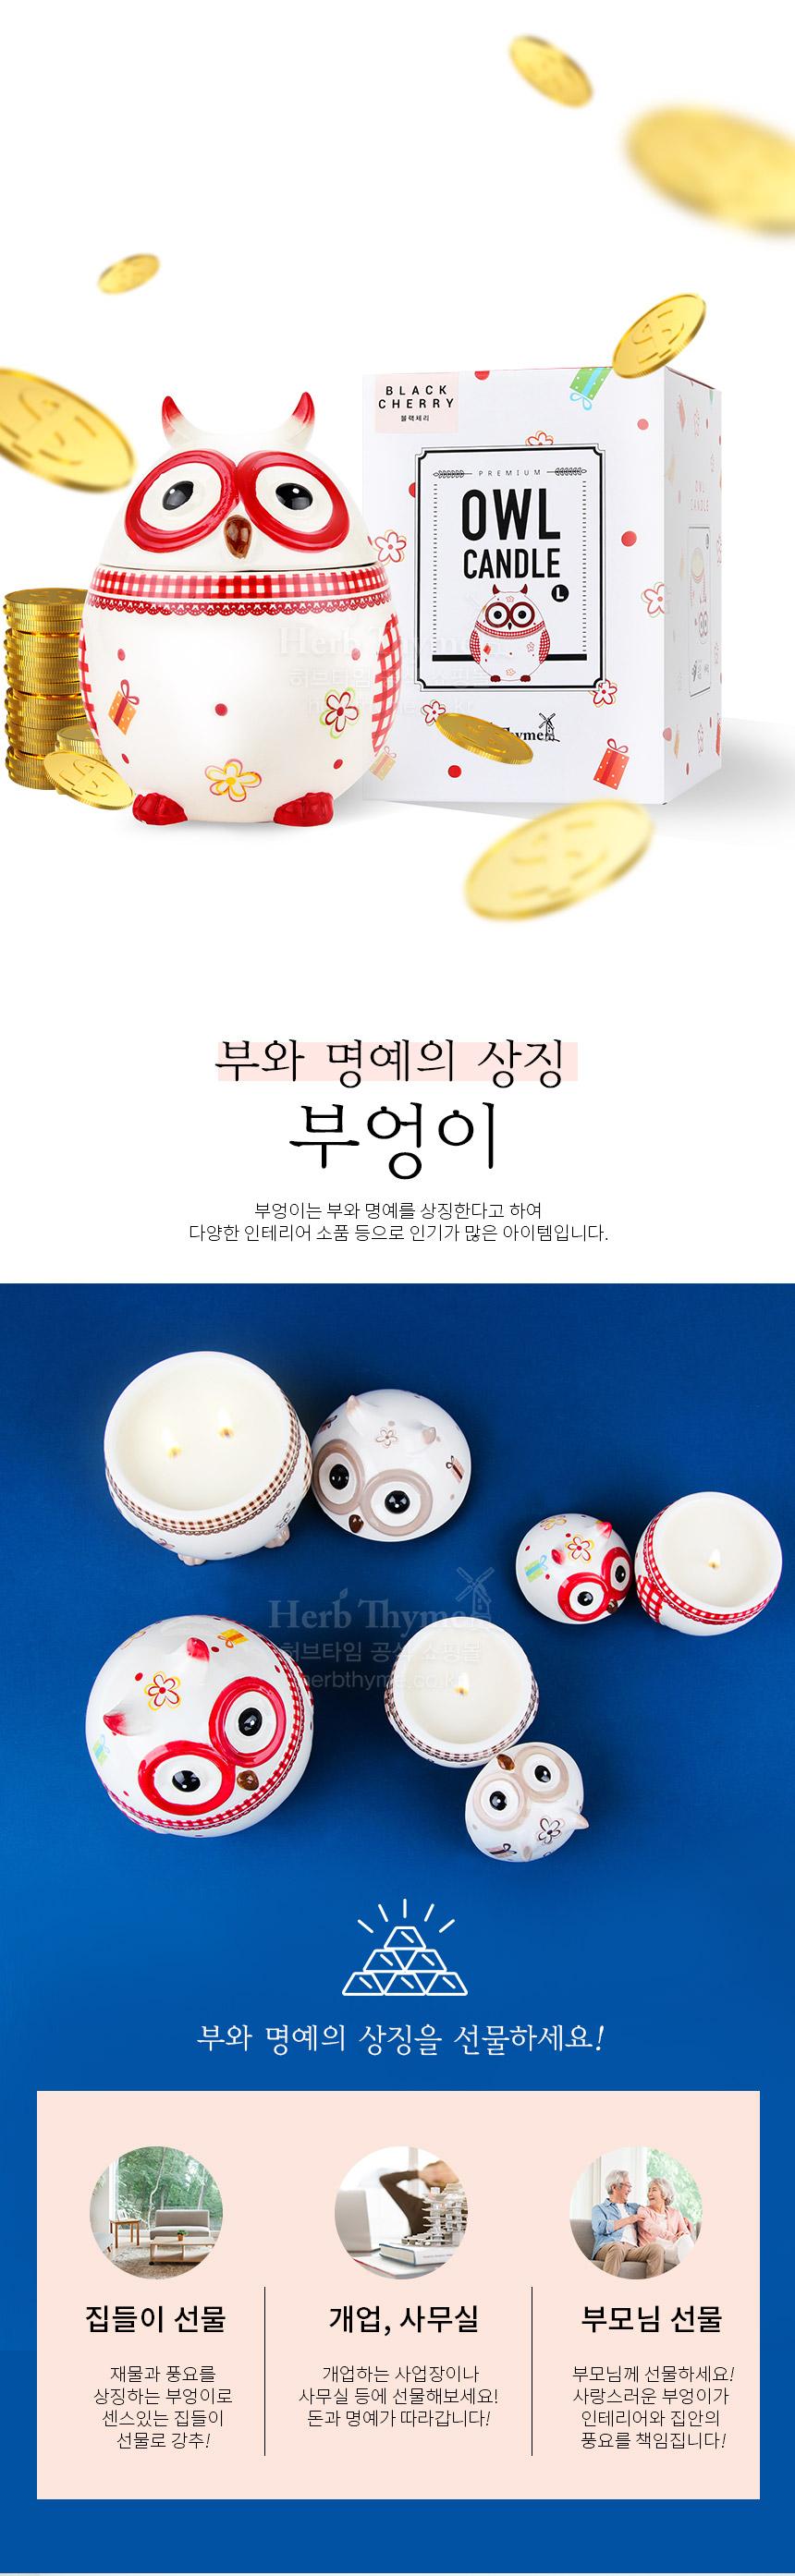 허브타임 향초 부엉이 소이캔들 (소) 5종 선택 - 허브타임, 7,900원, 캔들, 컵캔들